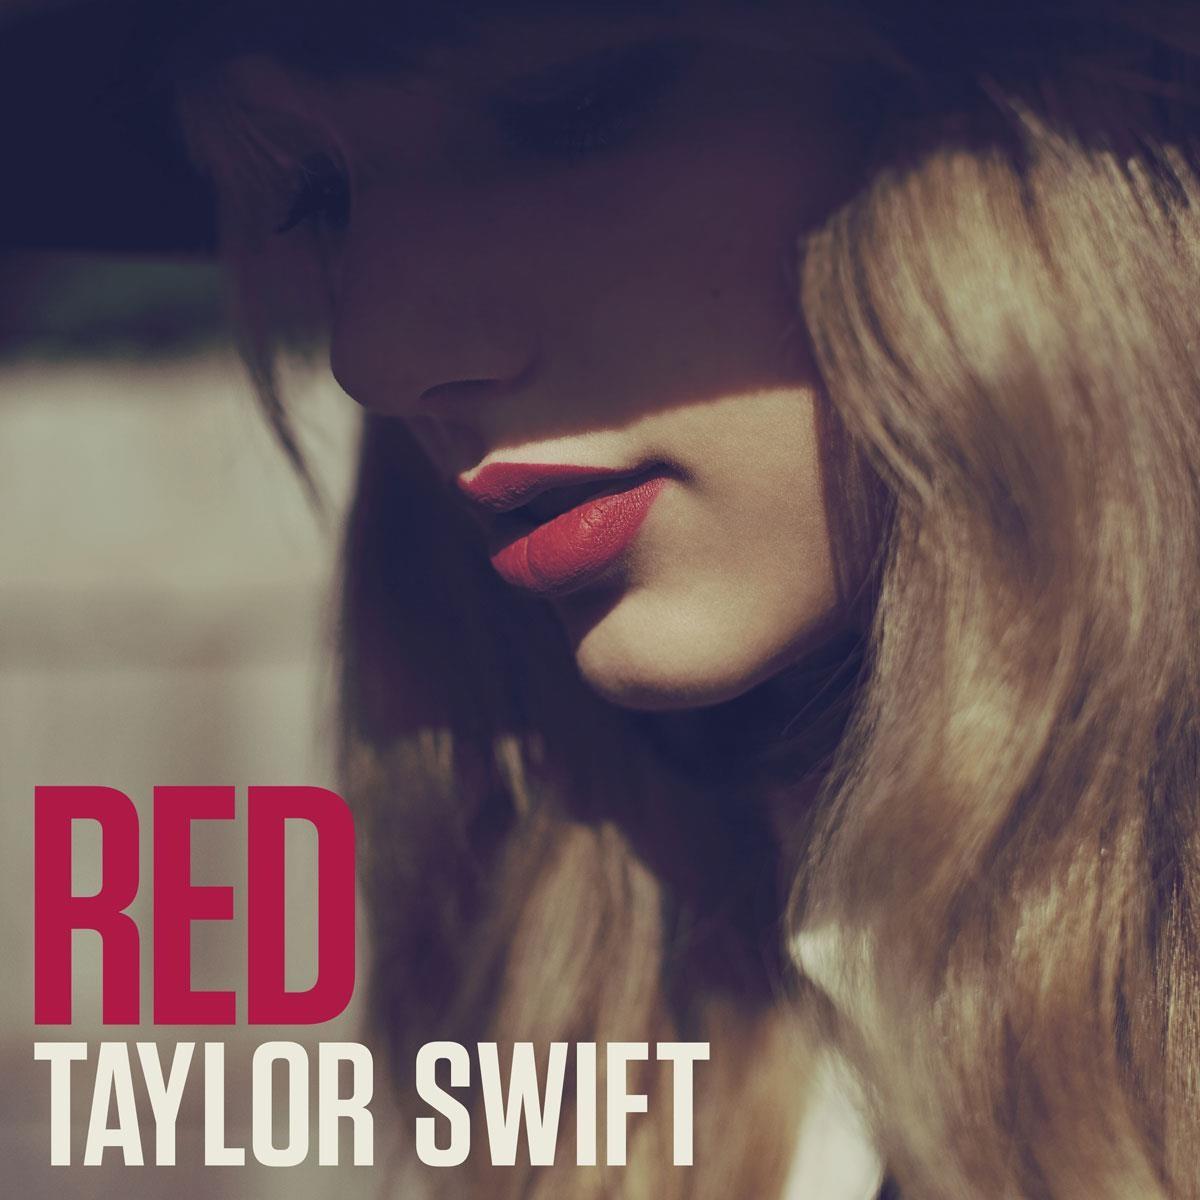 http://2.bp.blogspot.com/-WmHL0hlAIfw/UDBWiZJ6YvI/AAAAAAAABfc/1qJ1VotCx6I/s1600/Taylor+Swift+-+Red.jpg